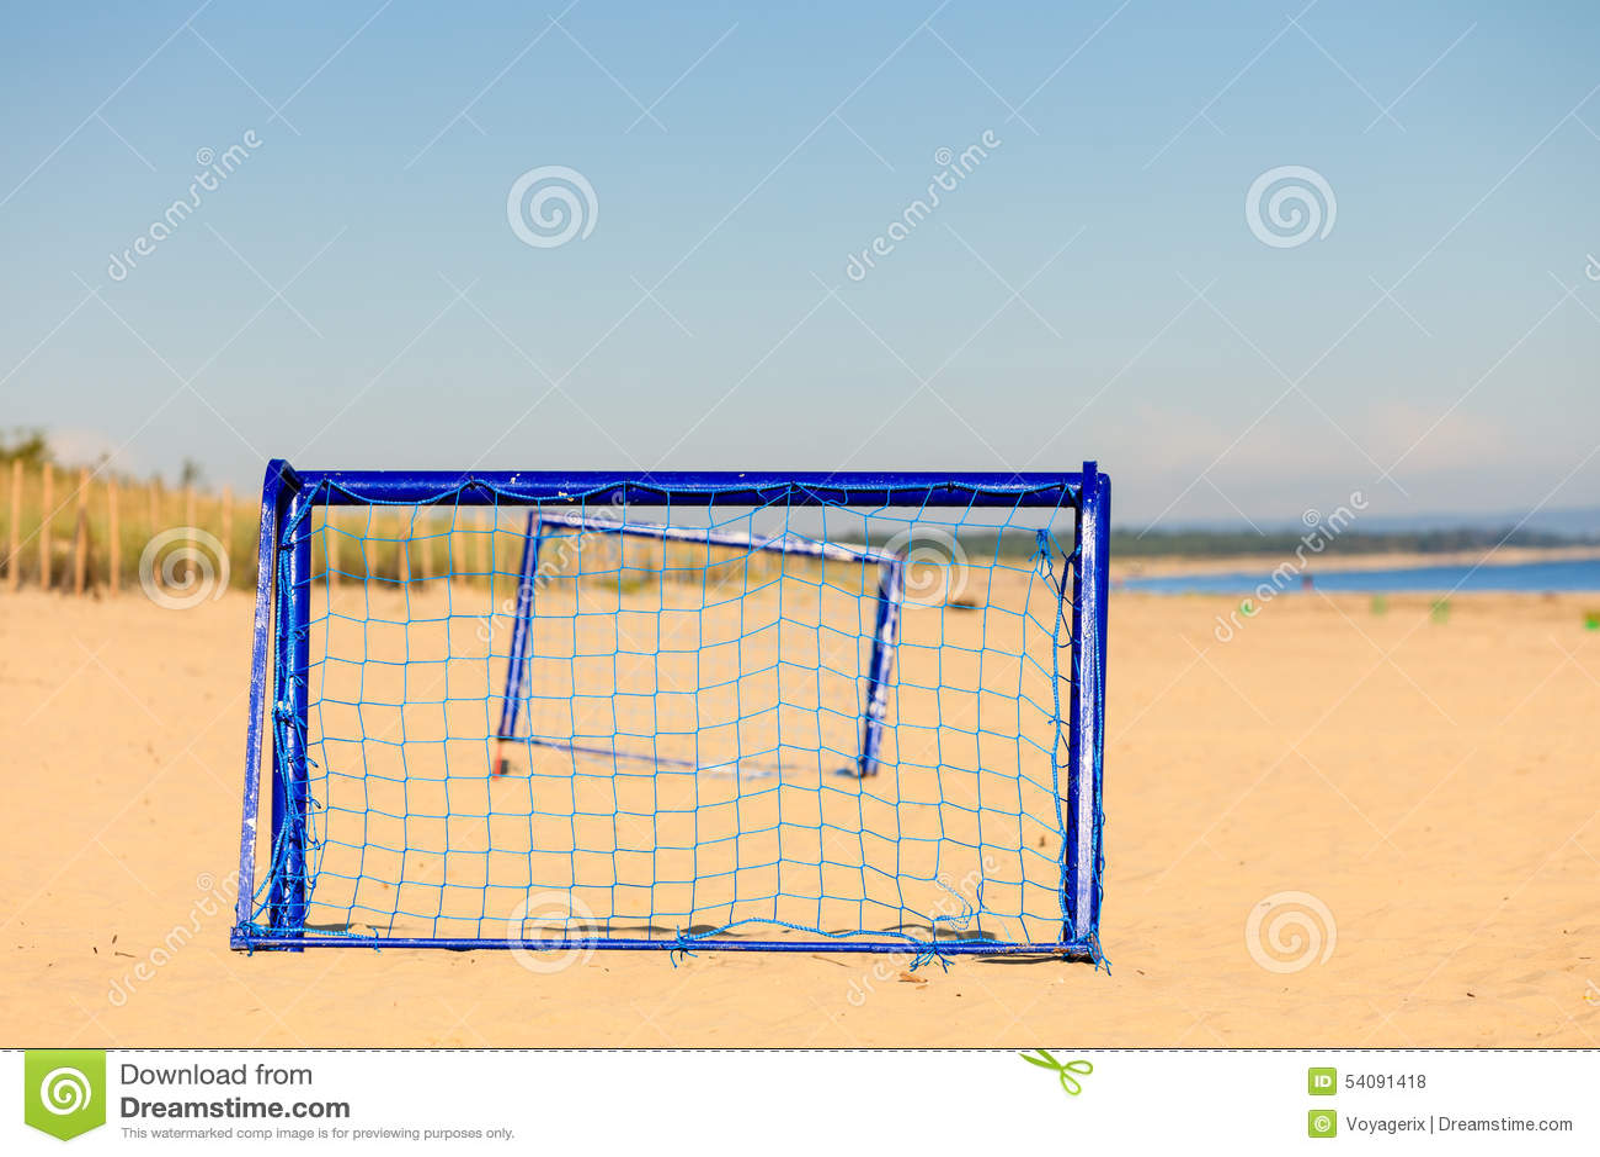 Voetbalpoort op het zandige doel van het strandvoetbal